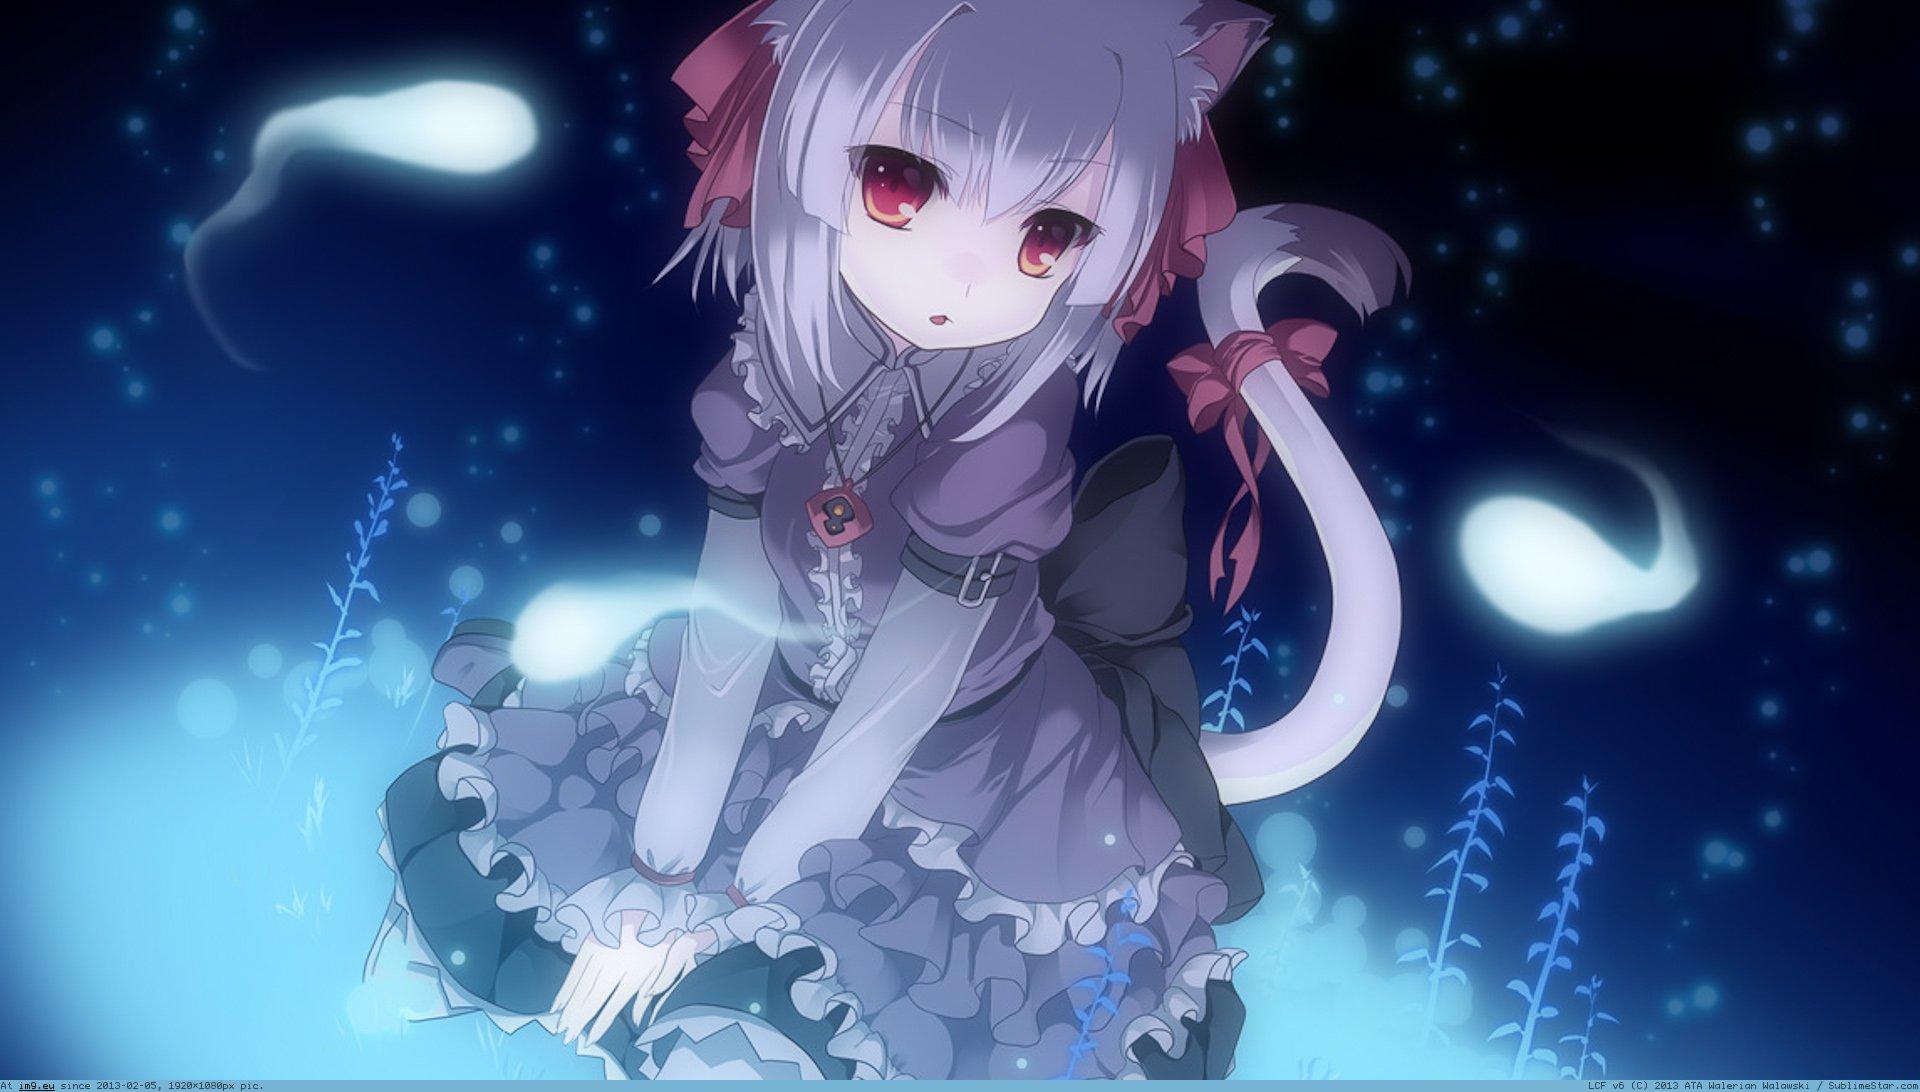 Catgirl wallpaper wallpapersafari - Anime cat wallpaper ...